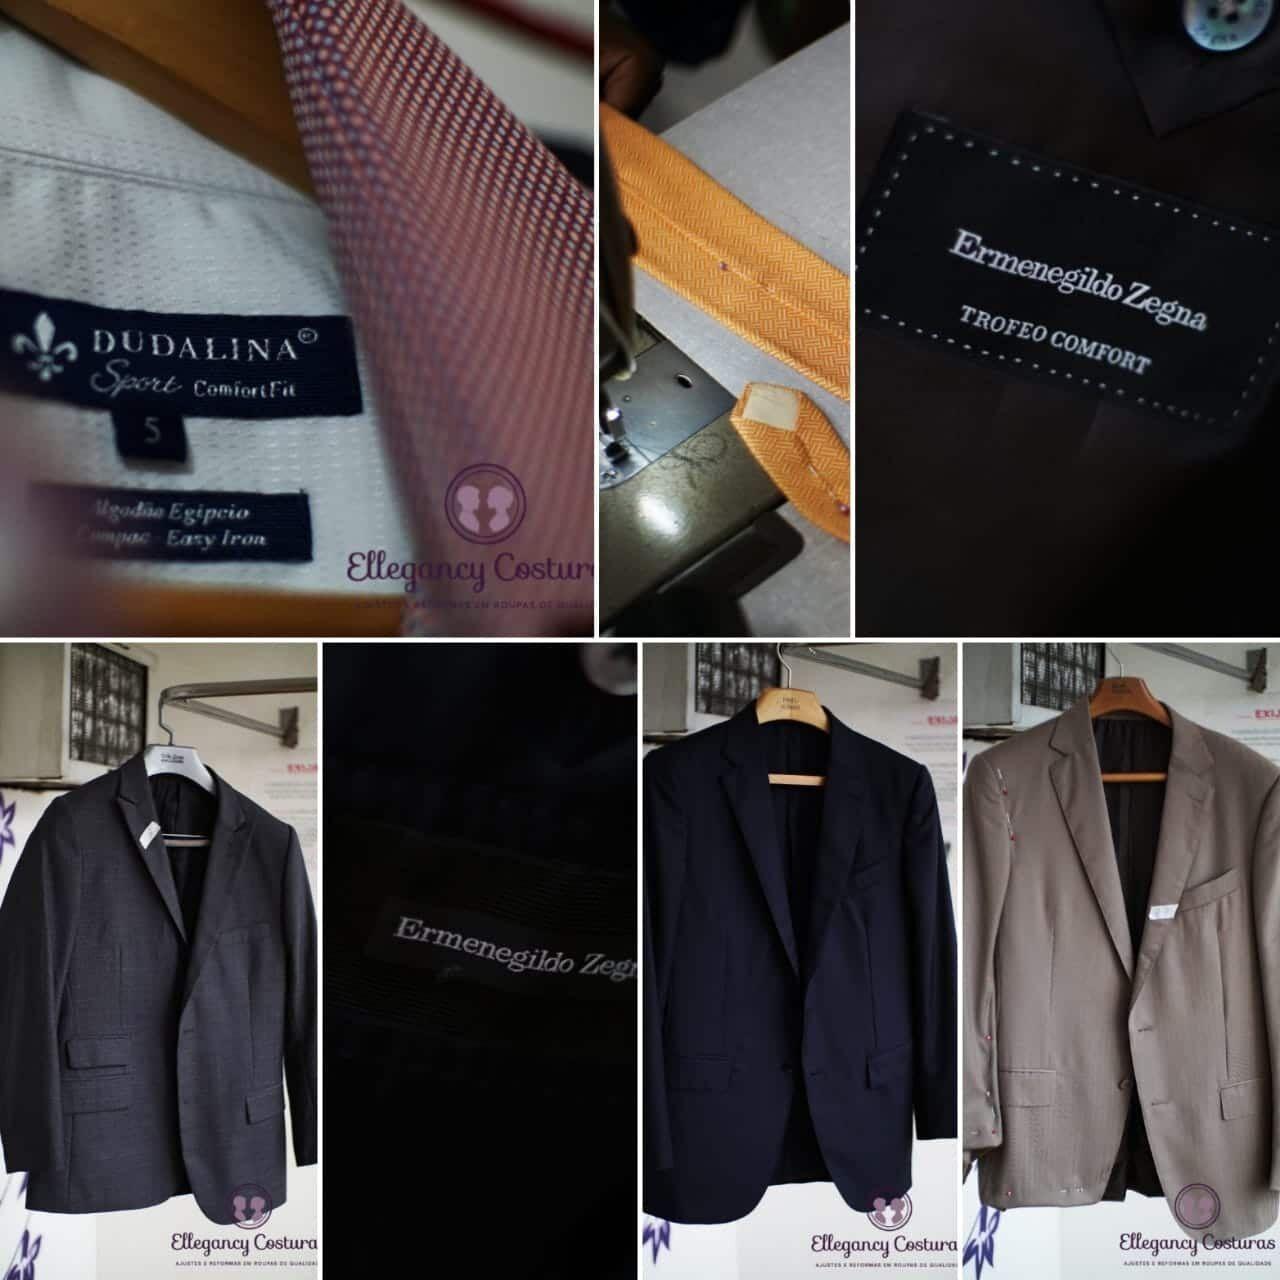 preciso-de-costureira-para-consertar-roupas-1-8109663